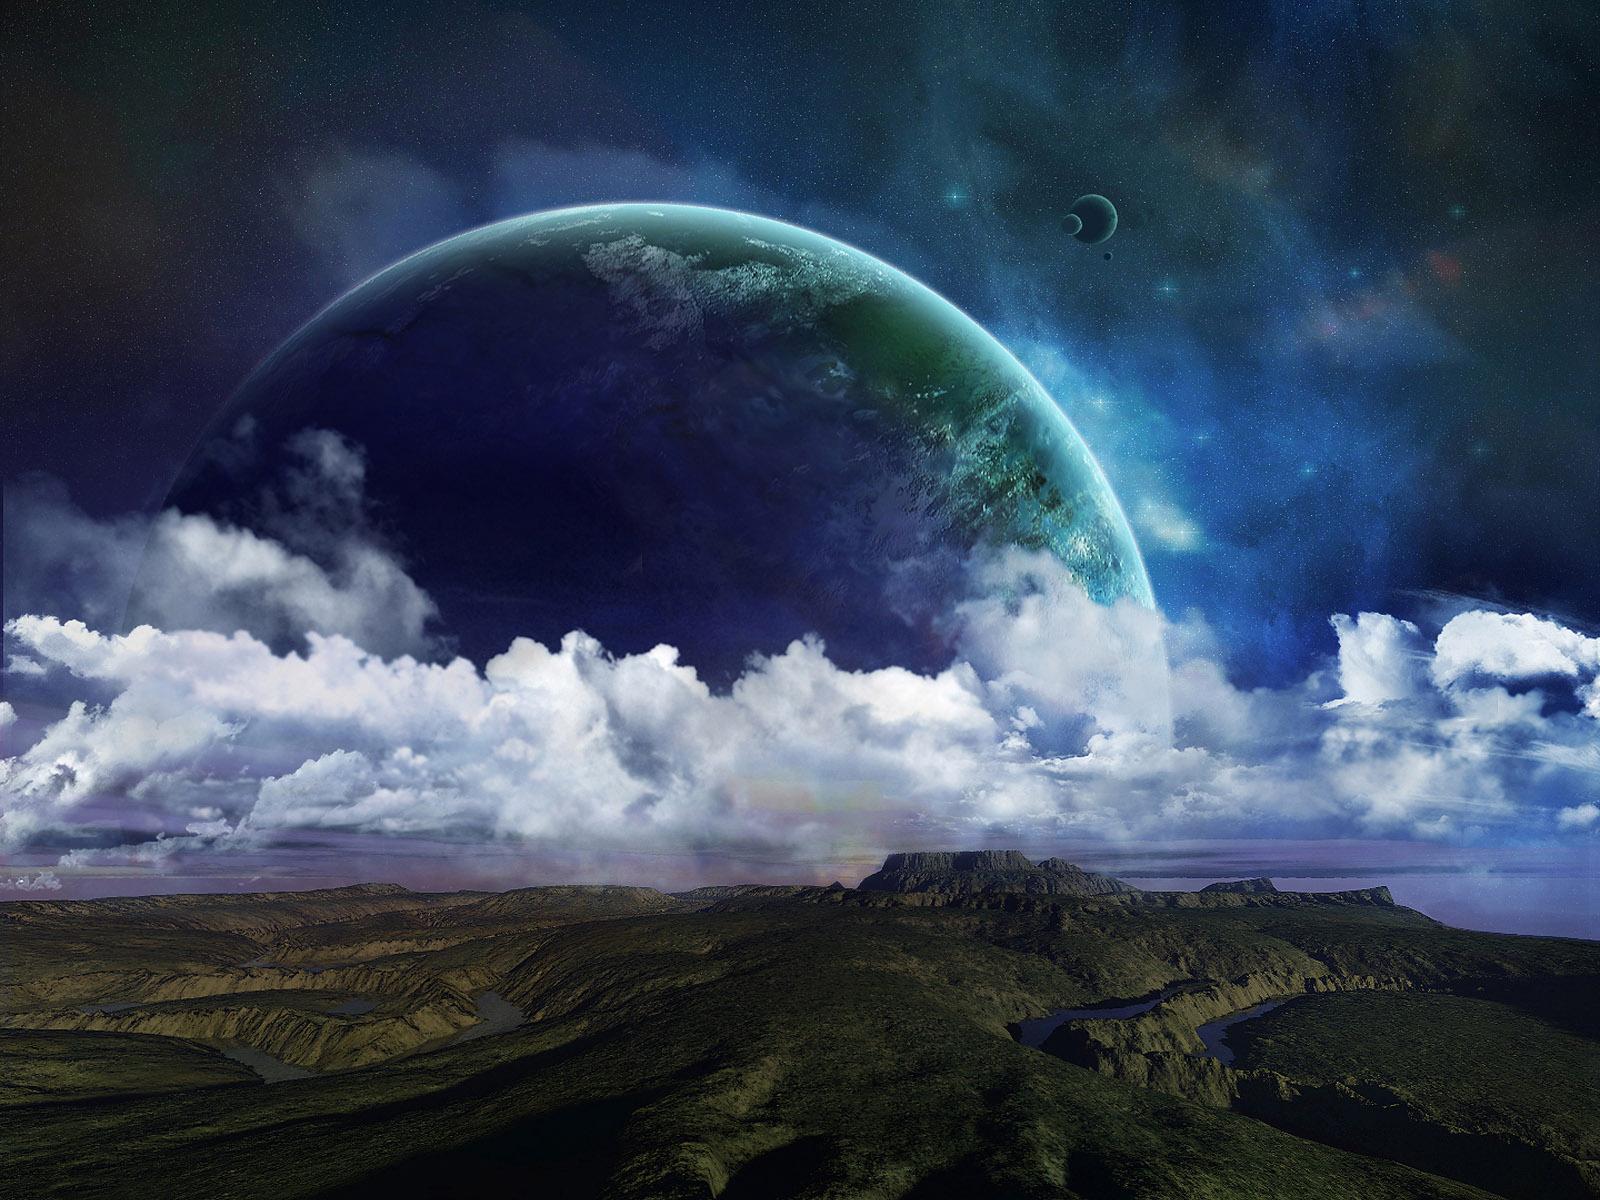 http://4.bp.blogspot.com/-cgQoDjIcuSo/TbgF1WdEu9I/AAAAAAAAD34/b6JJbEaqeBI/s1600/Space+Art+Wallpapers+00.jpg